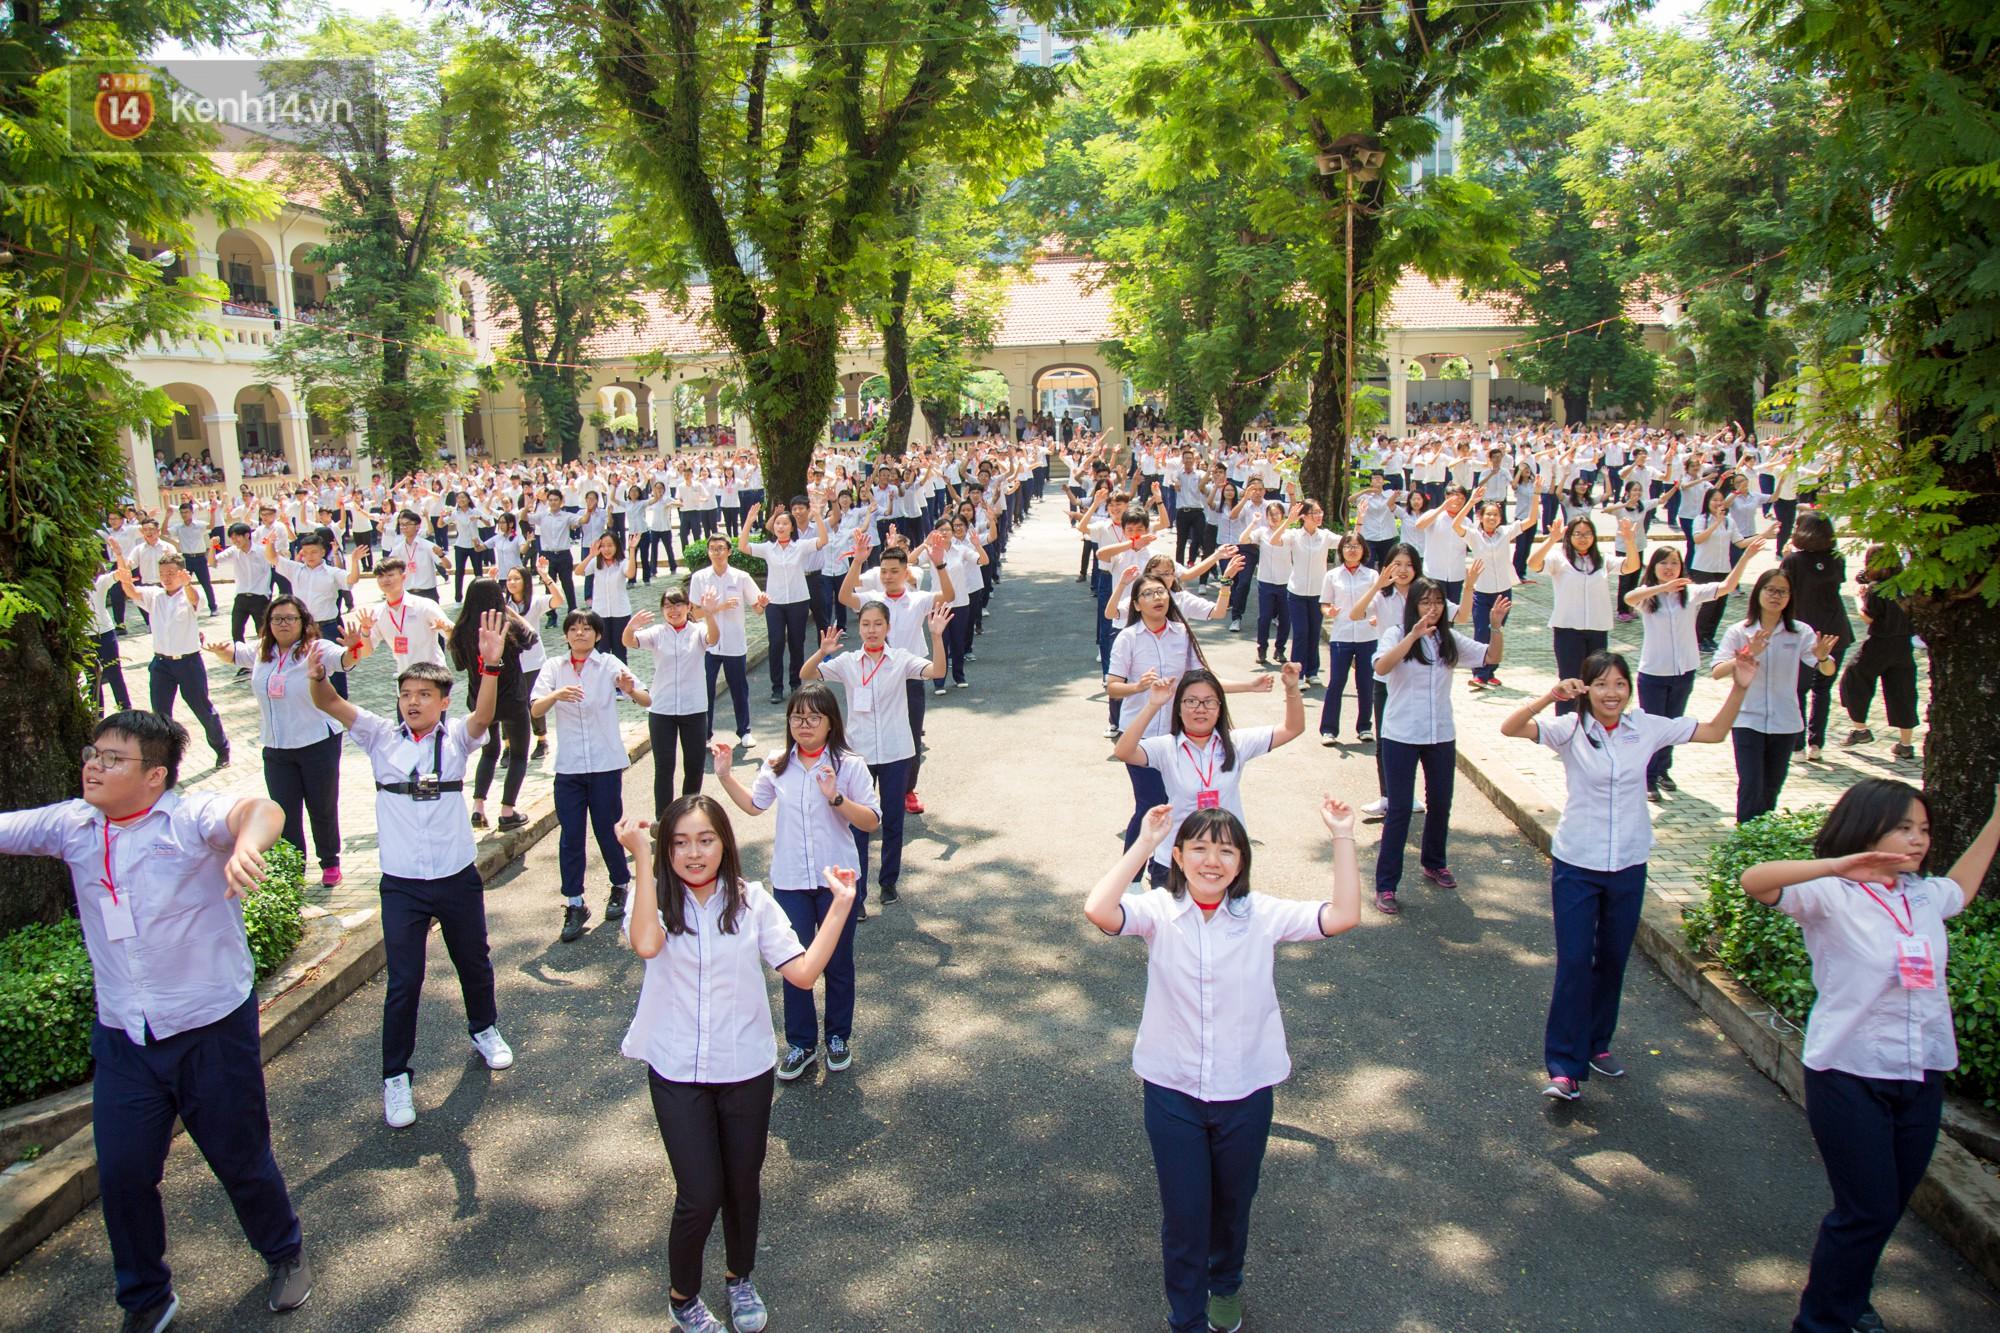 Ngày ra trường của teen Lê Hồng Phong: Nụ cười và nước mắt, bạn tôi ơi xin bên nhau thêm chút nữa!-4